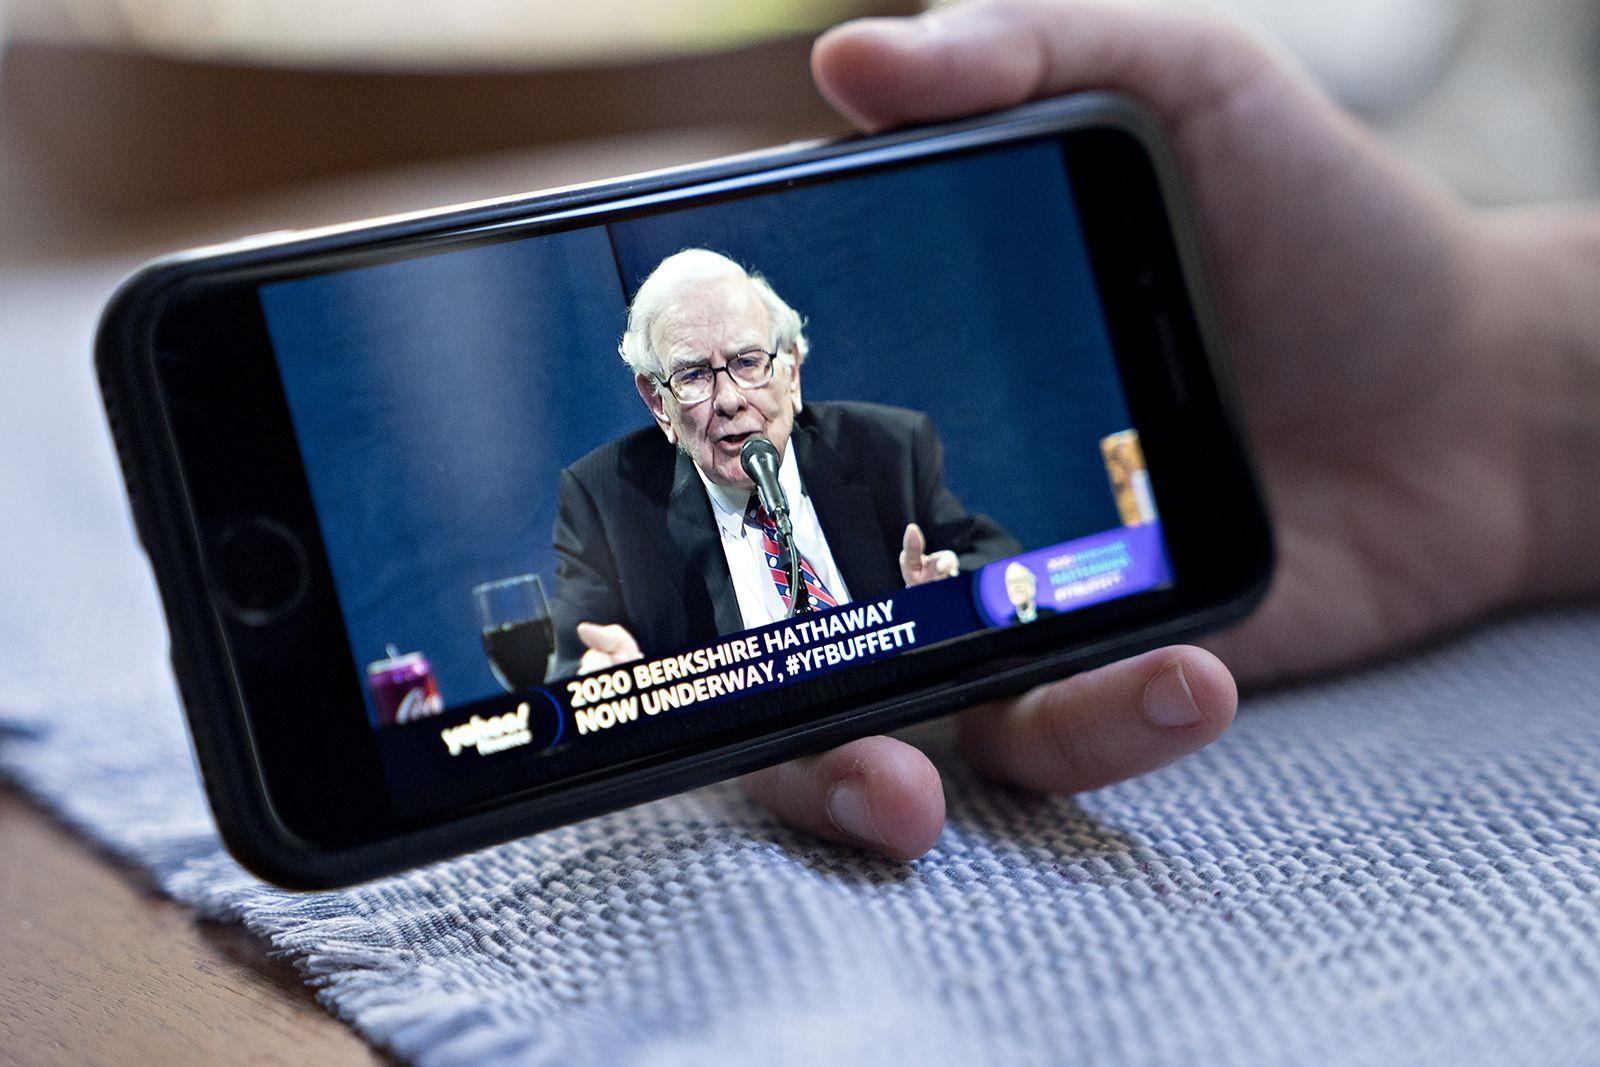 Cuộc đời và sự nghiệp của Warren Buffett qua những tấm ảnh - Ảnh 23.